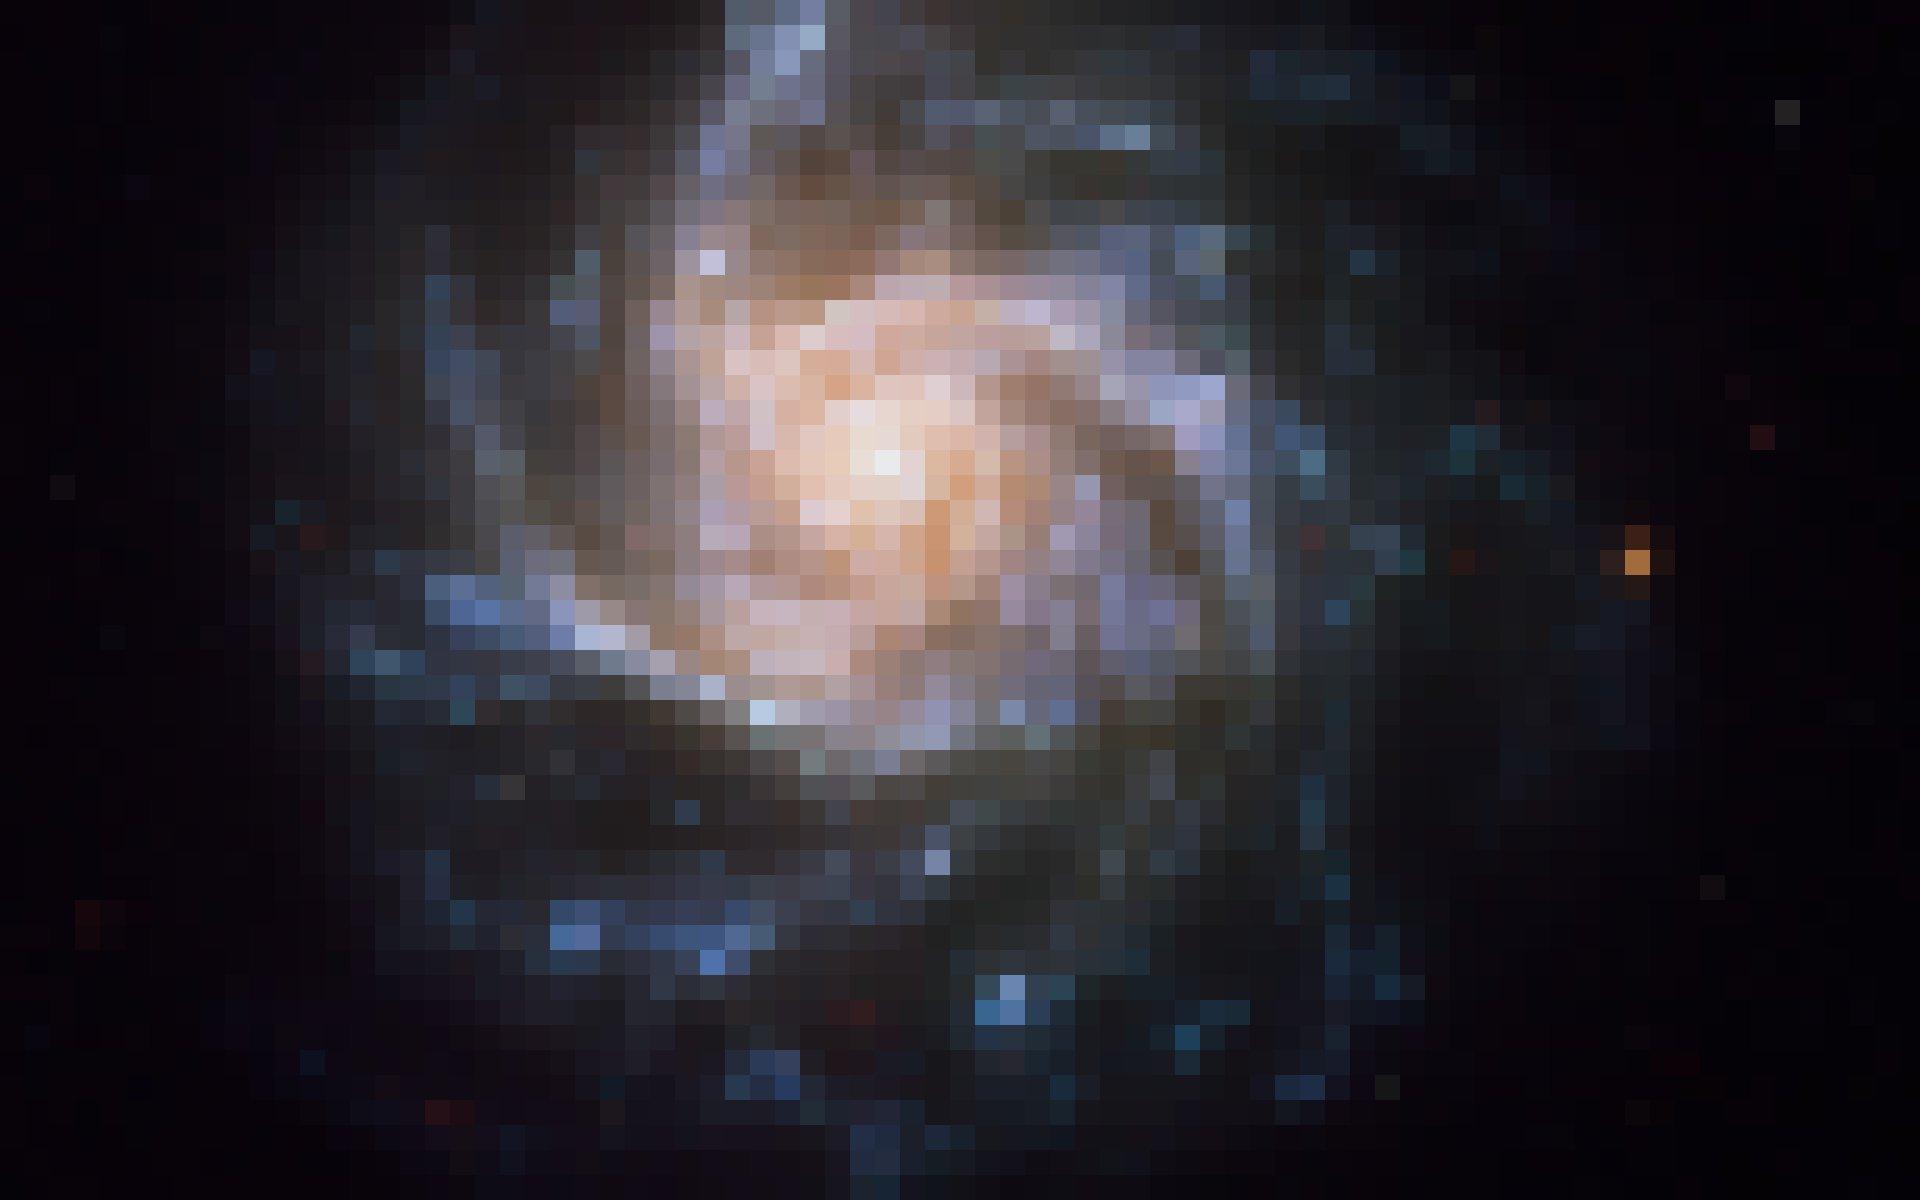 In der Spiralgalaxie NGC 1376winden sich Spiralarme mehrfach um ihr Zentrum. Sie ist scheinbar linksdrehend.